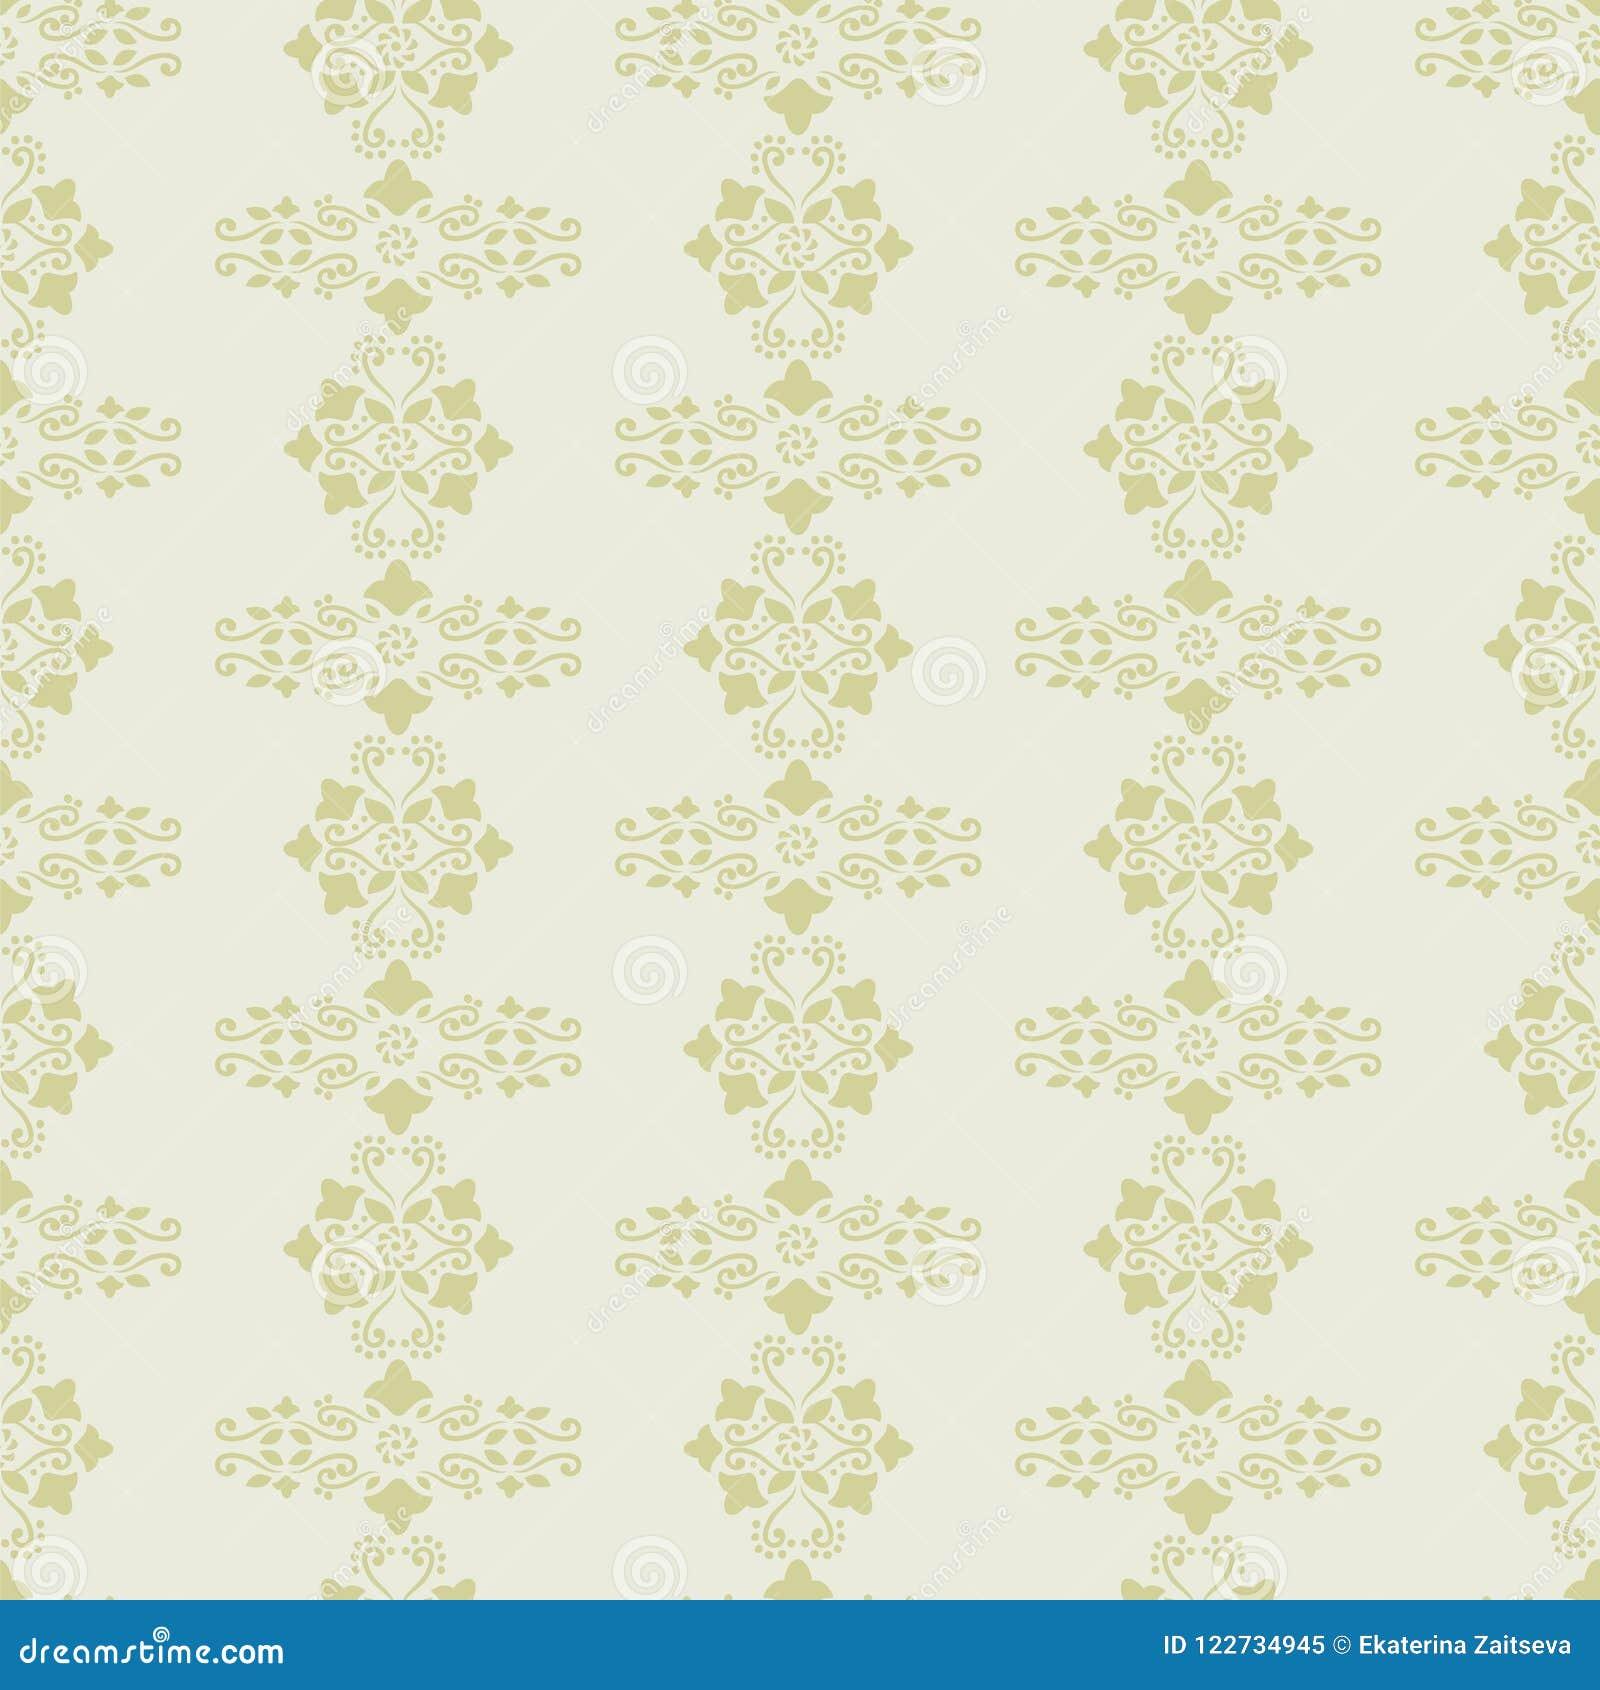 Vector Background Light Gray And Mustard Delicate Ornament Retro